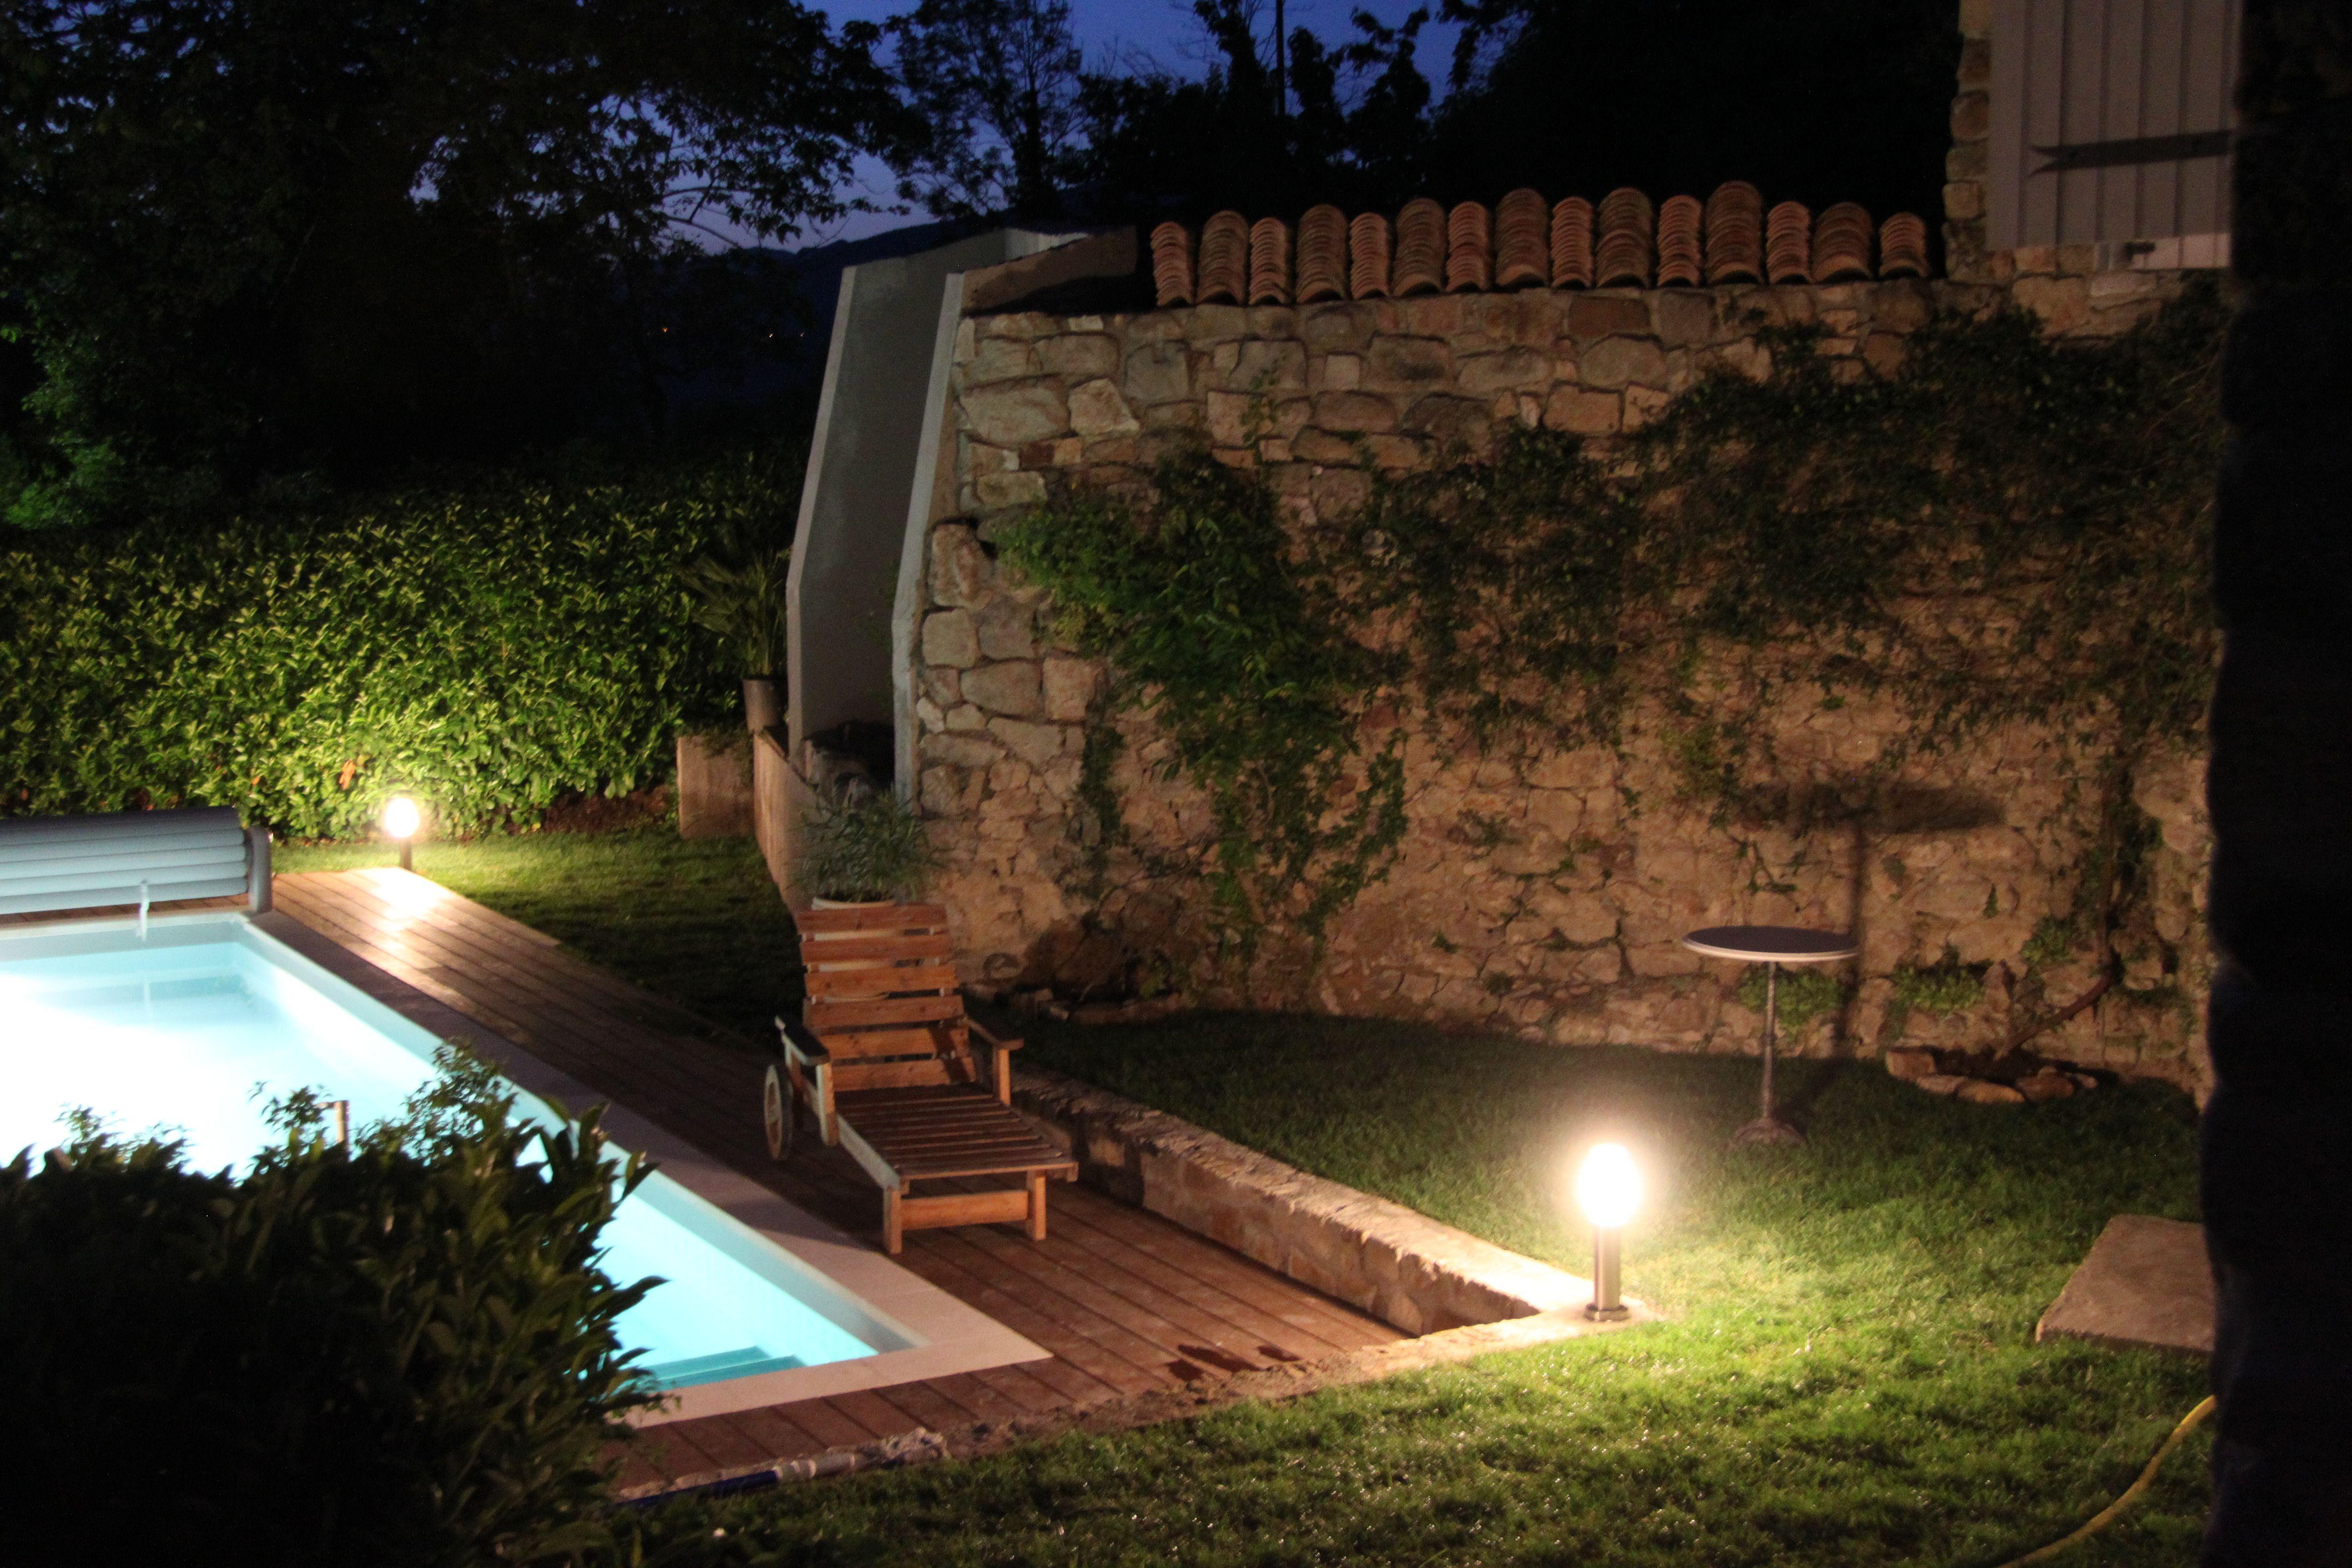 Chambres Et Table D Hotes Sejours Bien Etre Eclairage De Jardin Eclairage Piscine Piscine